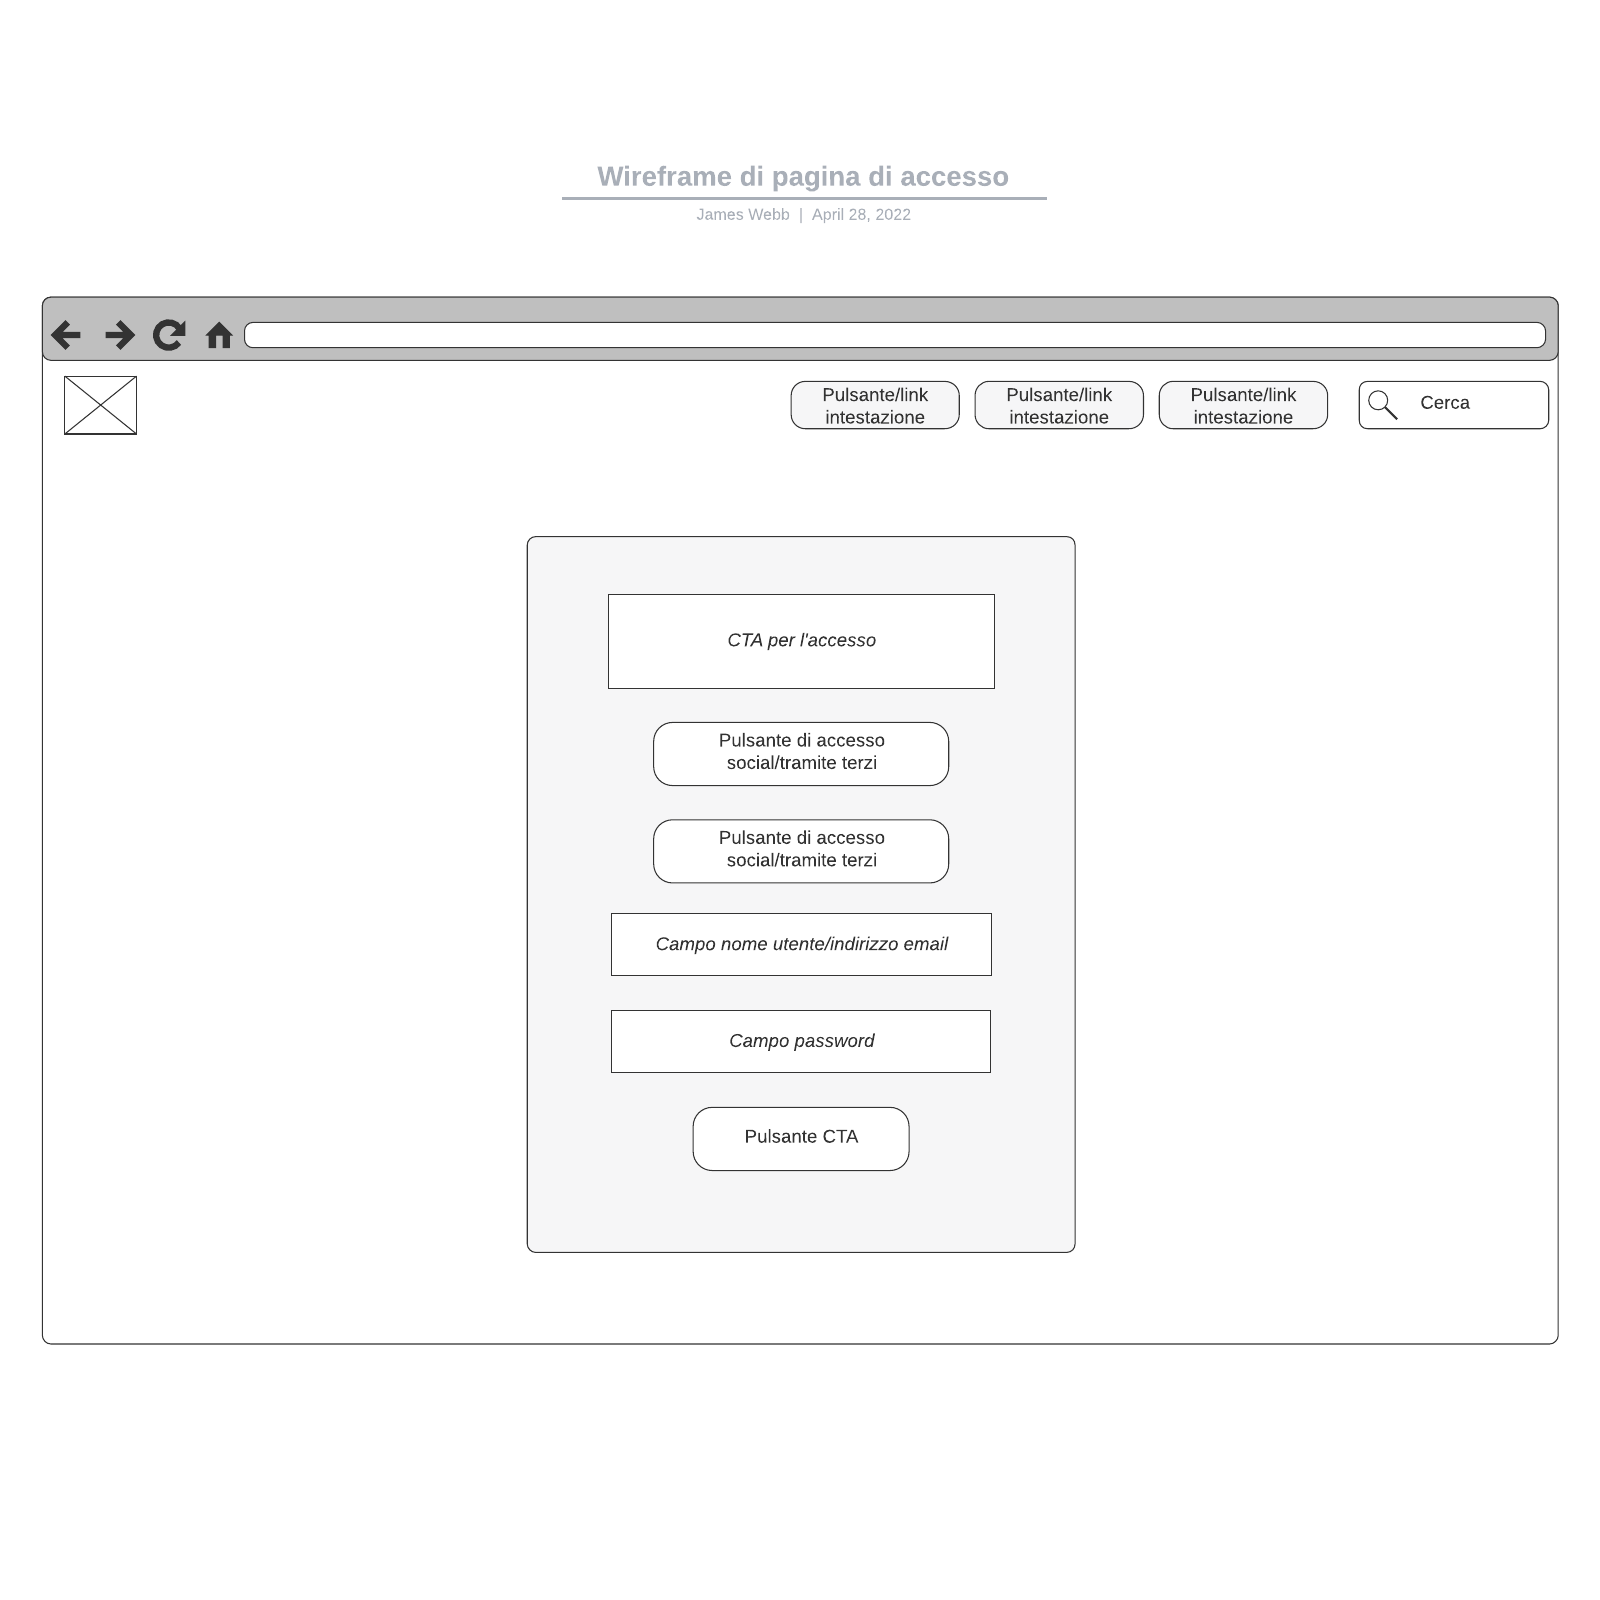 Wireframe di pagina di accesso